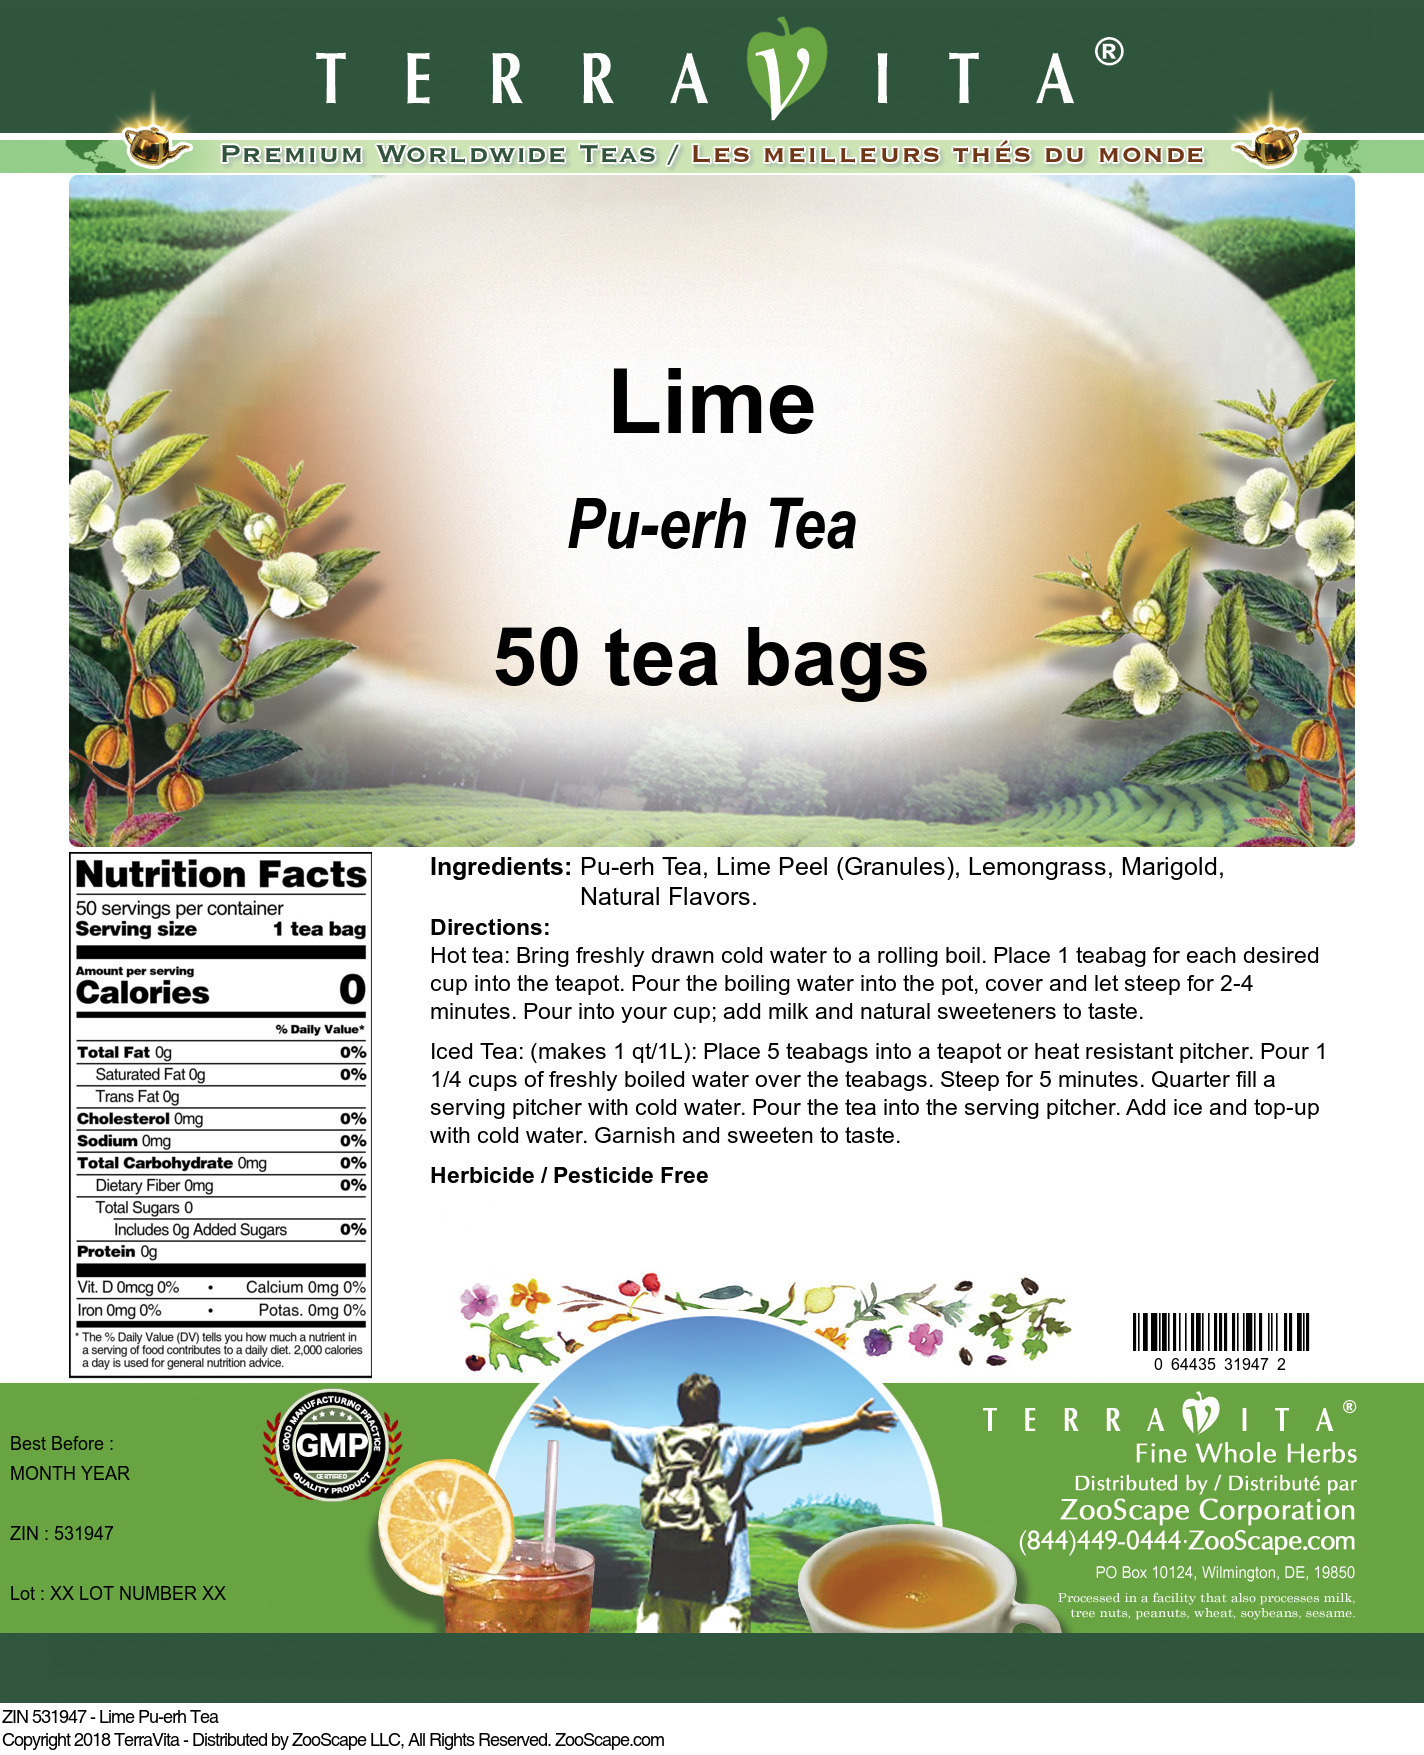 Lime Pu-erh Tea